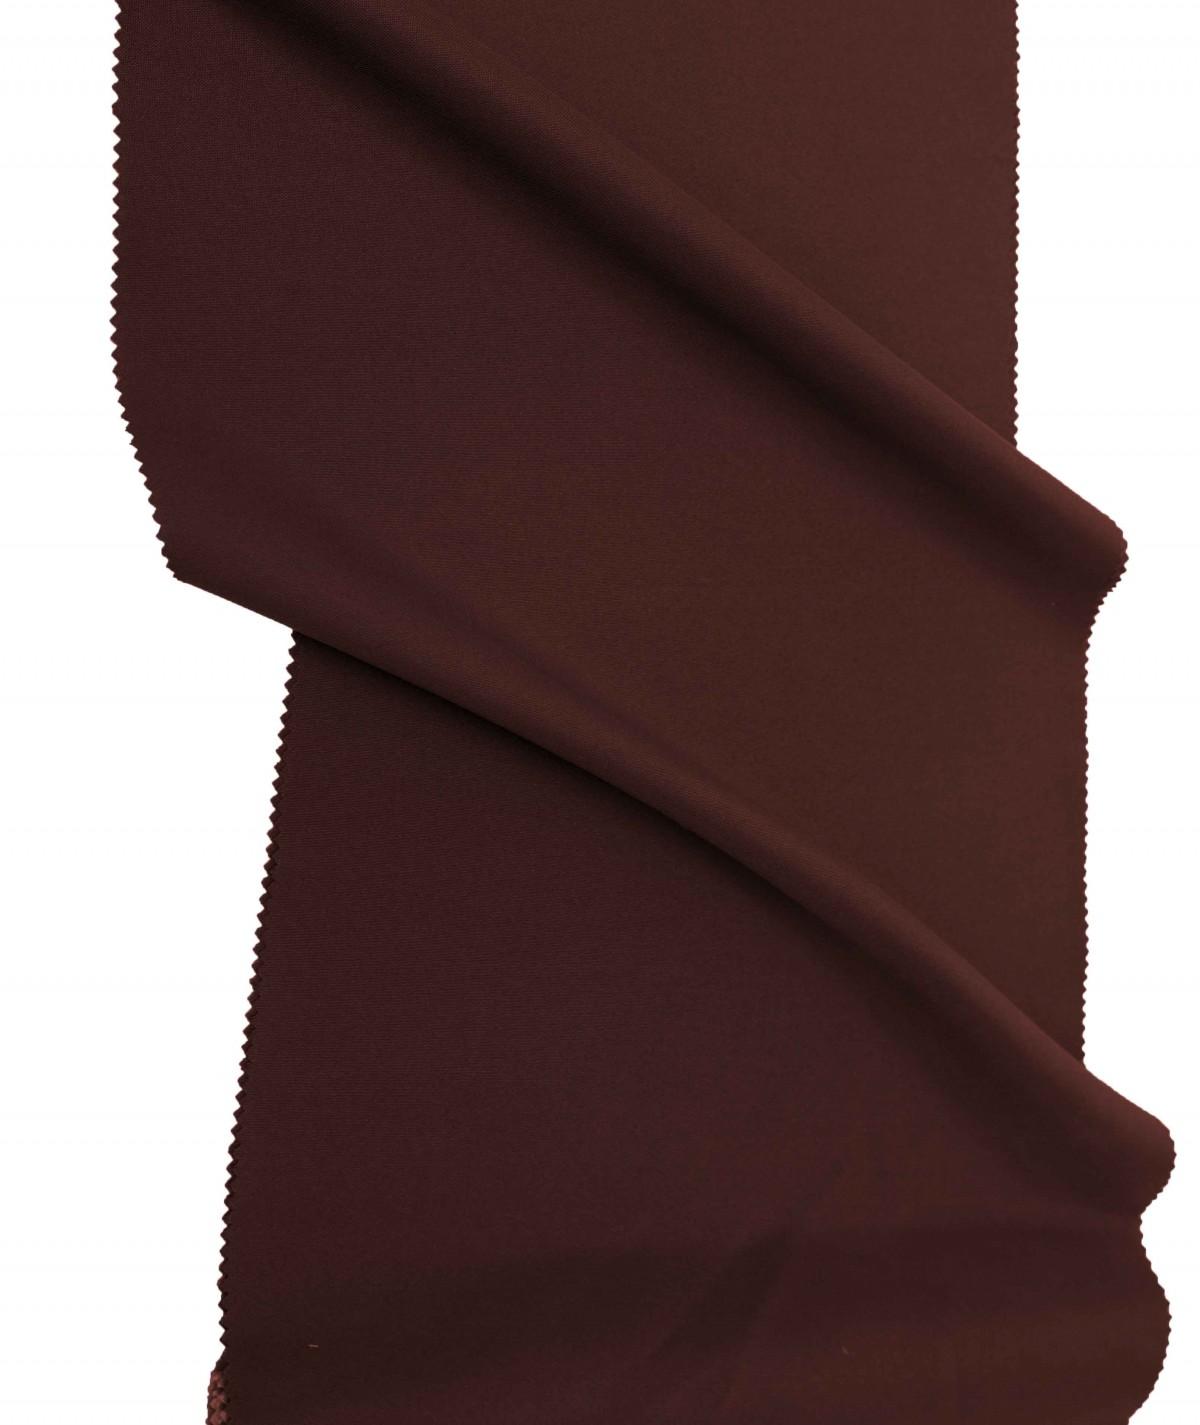 בד ברלינטון בצבע שוקולד